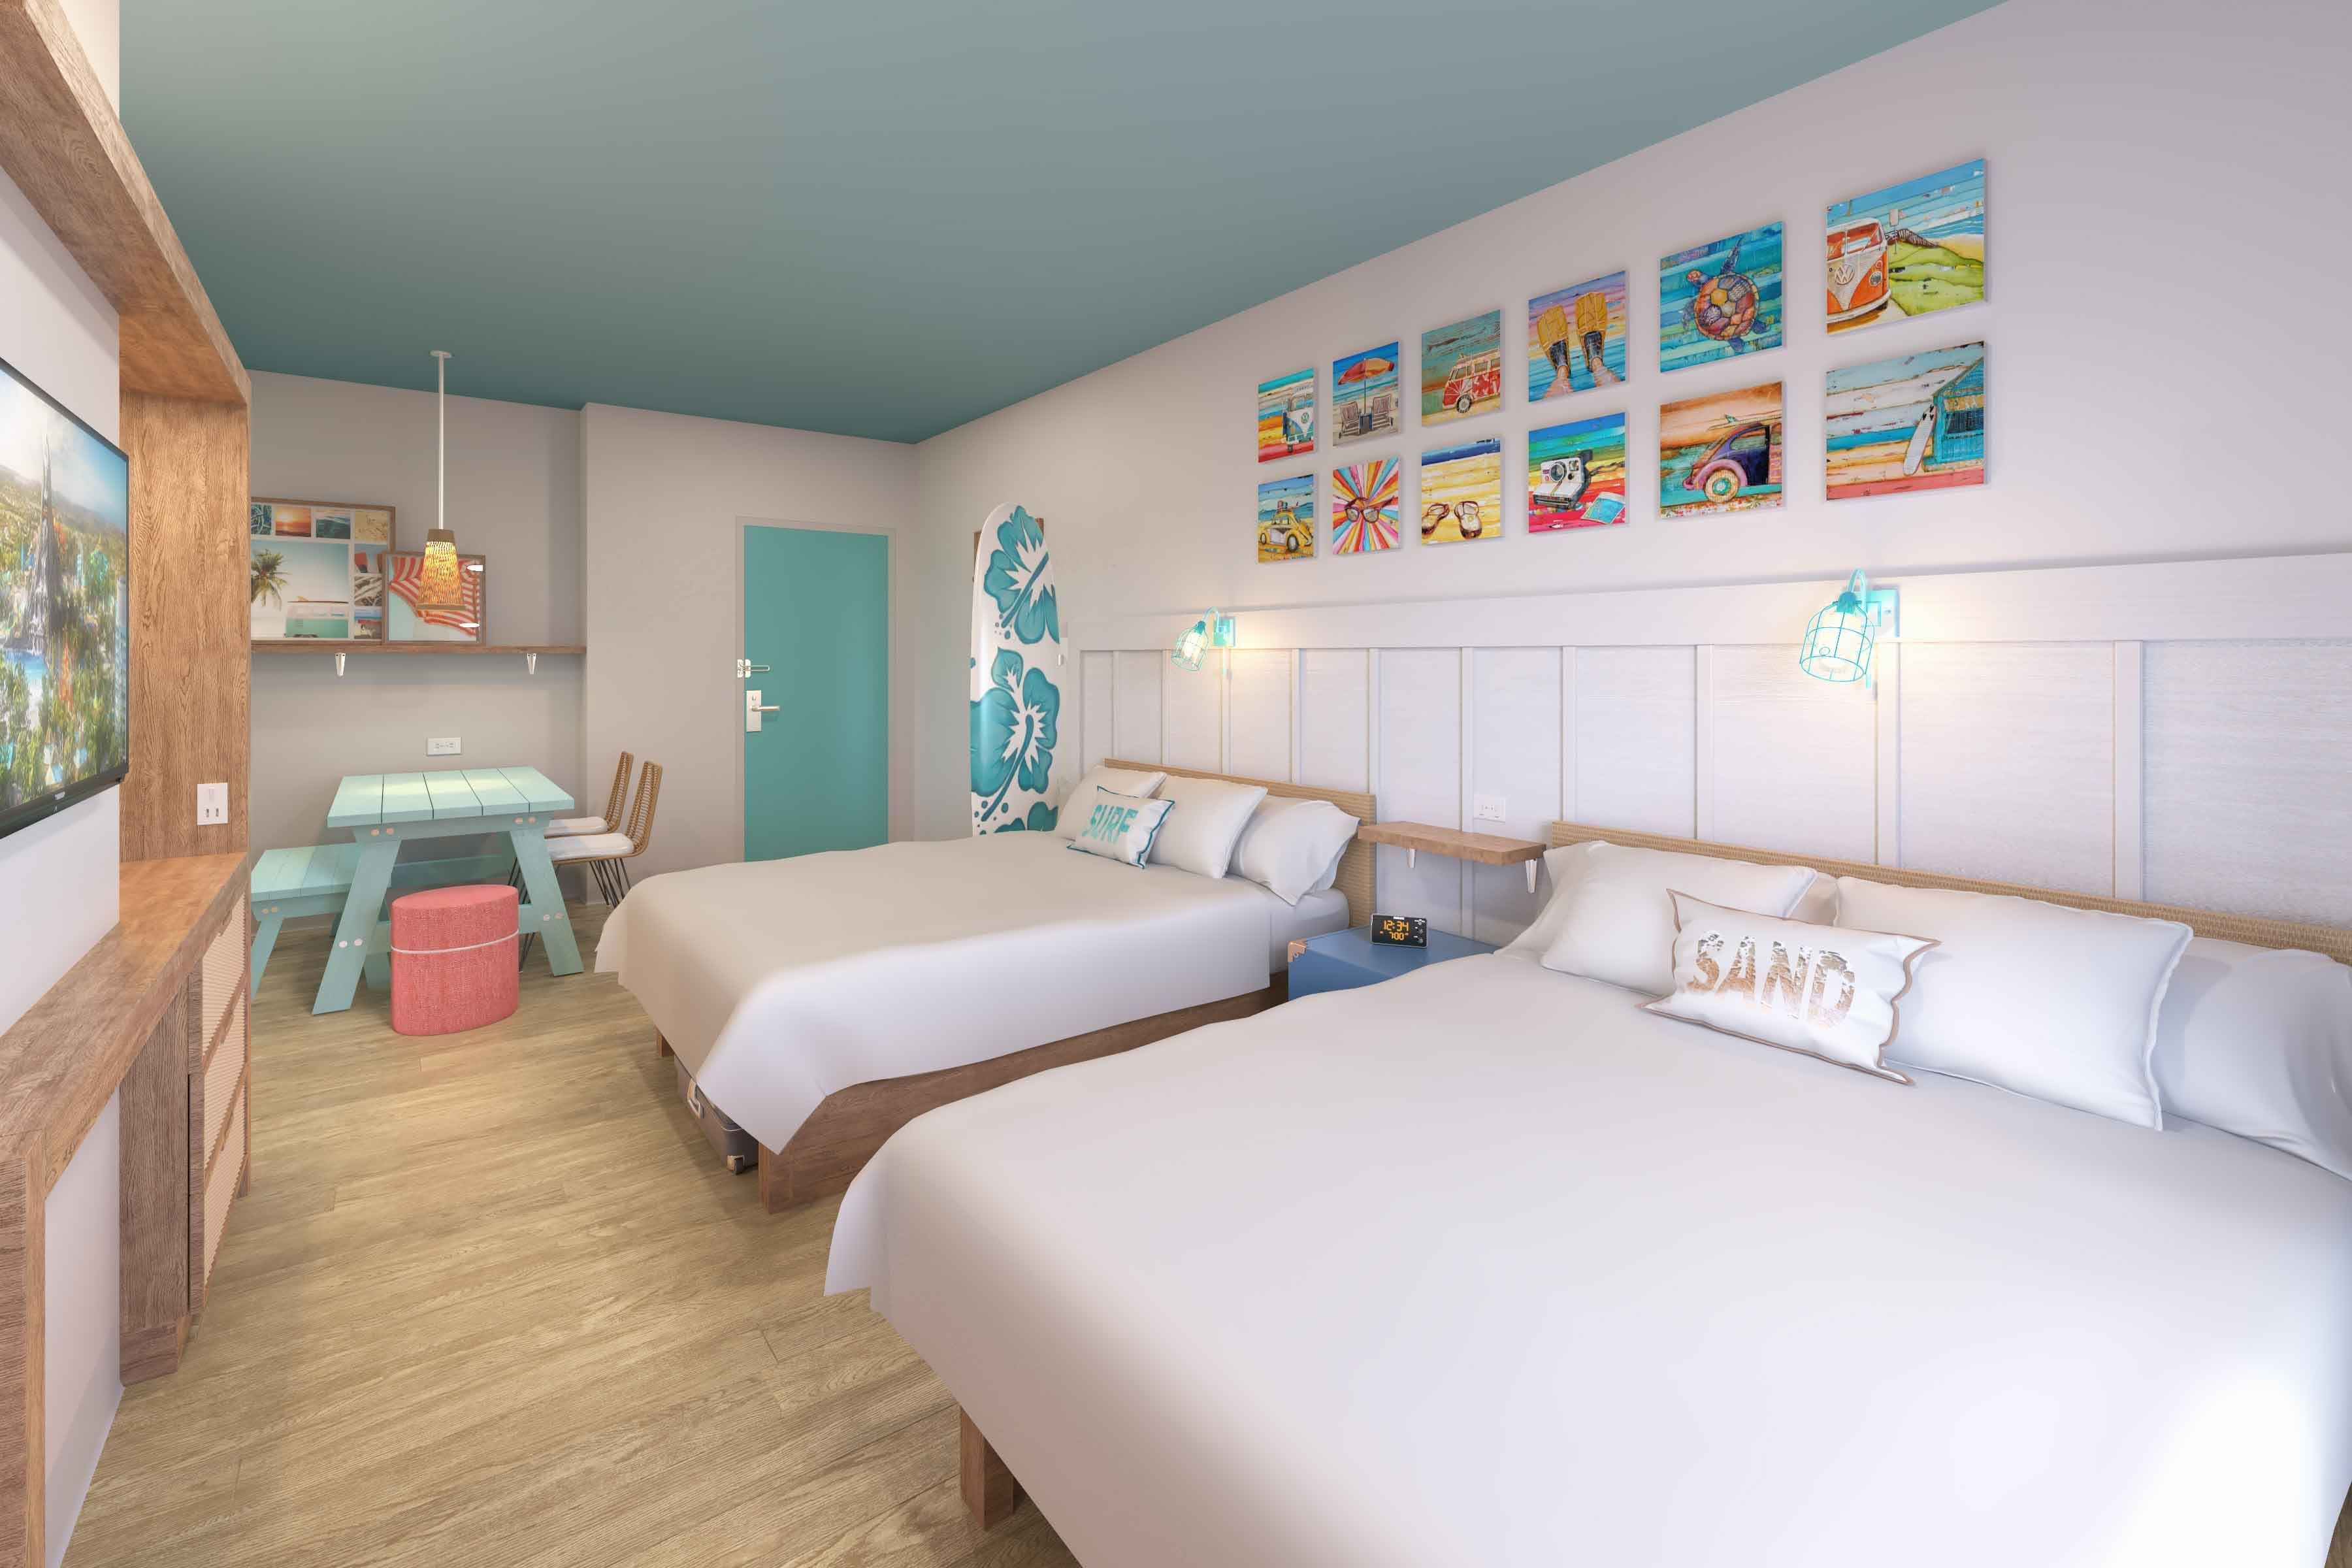 Universal's Endless Summer Resort Surfside Inn and